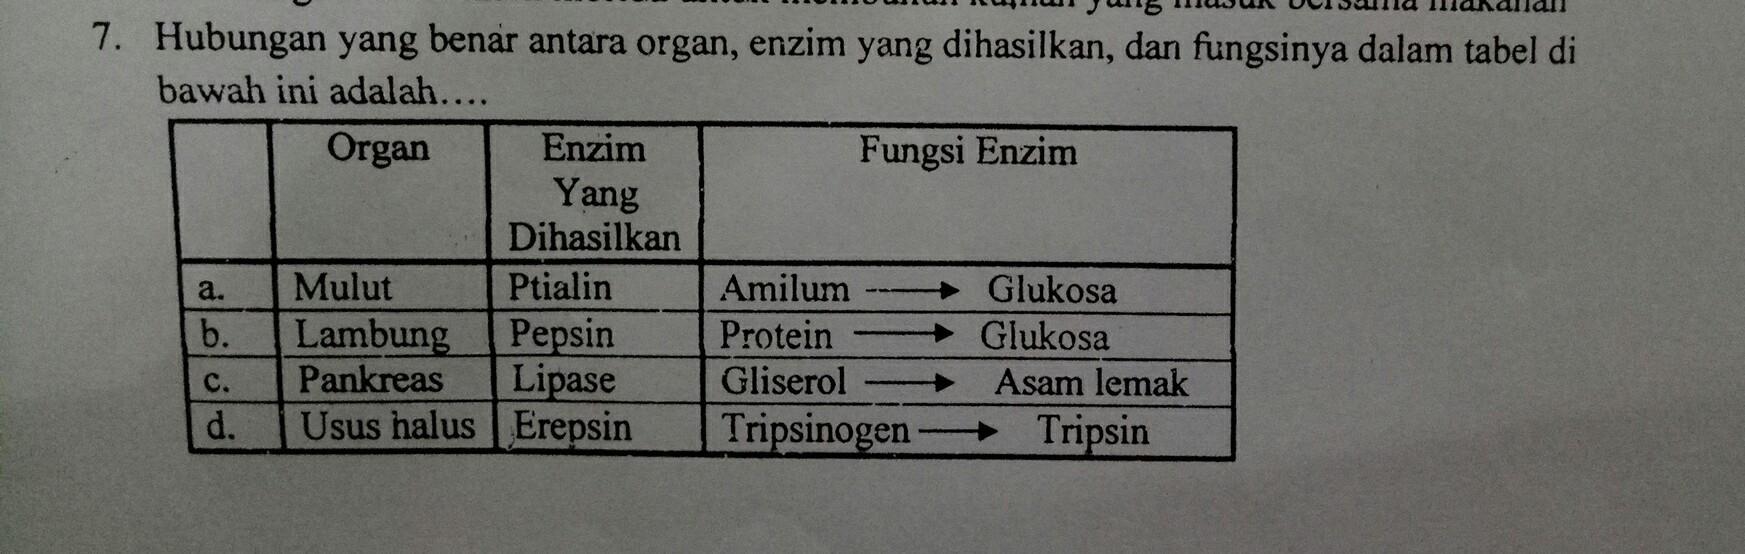 hubungan yang benar antara organ,enzim yang dihasilkan ...